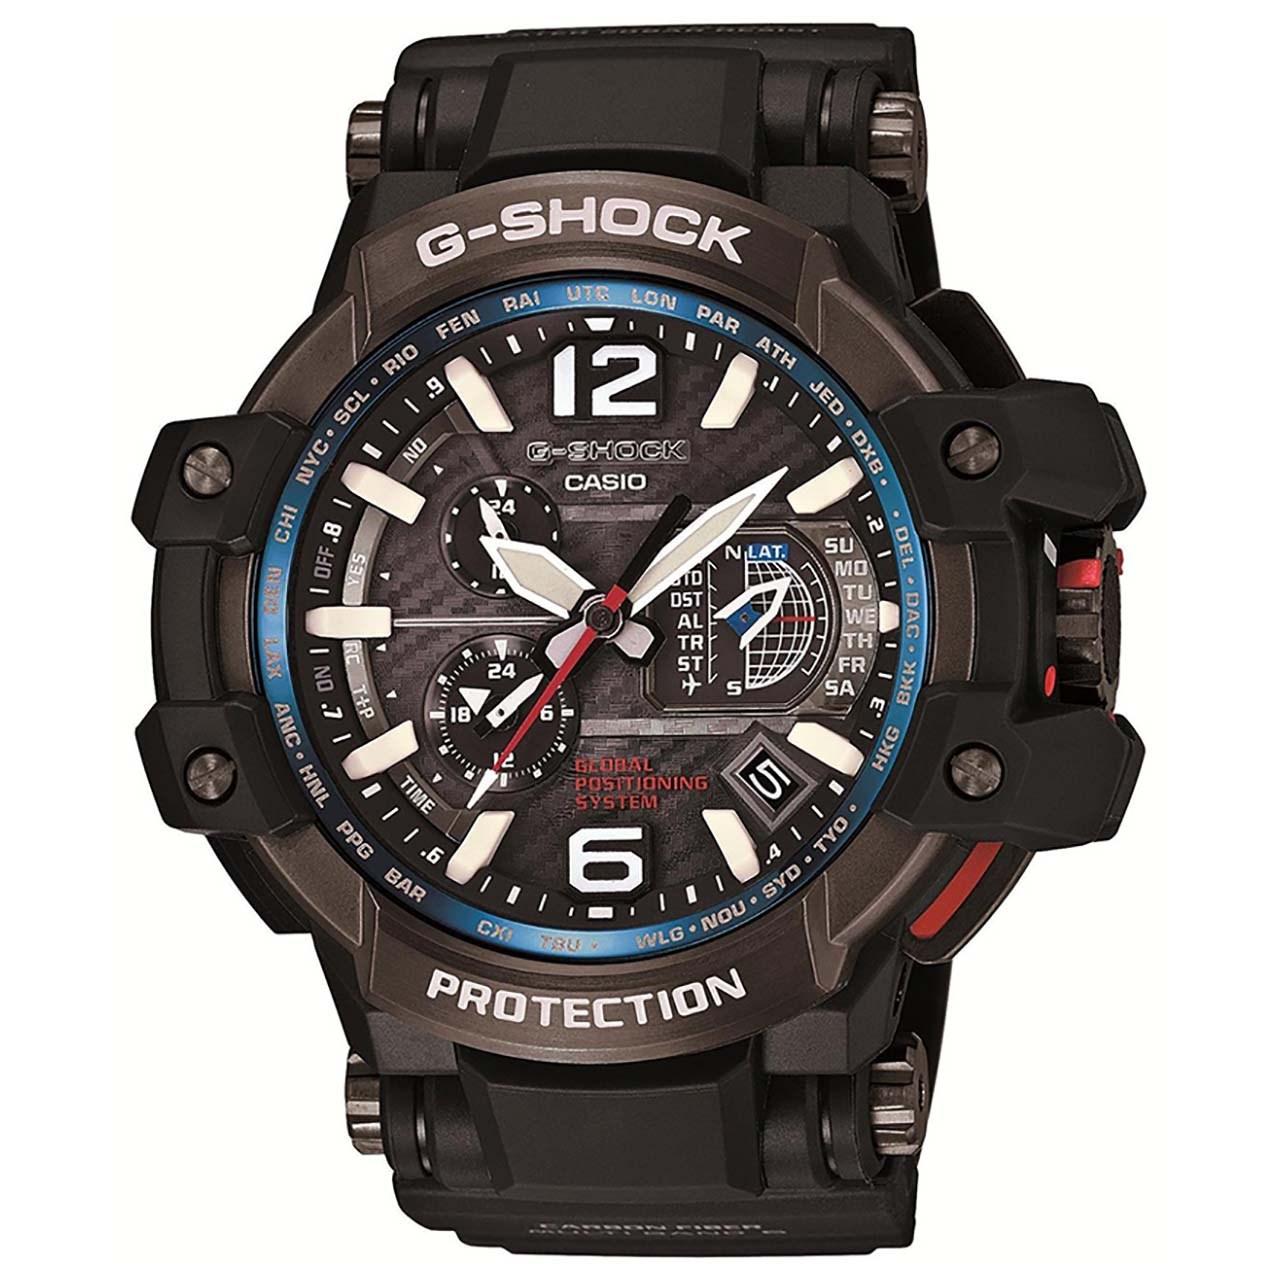 ساعت   کاسیو جی شاک مدل GPW-1000-1ADR